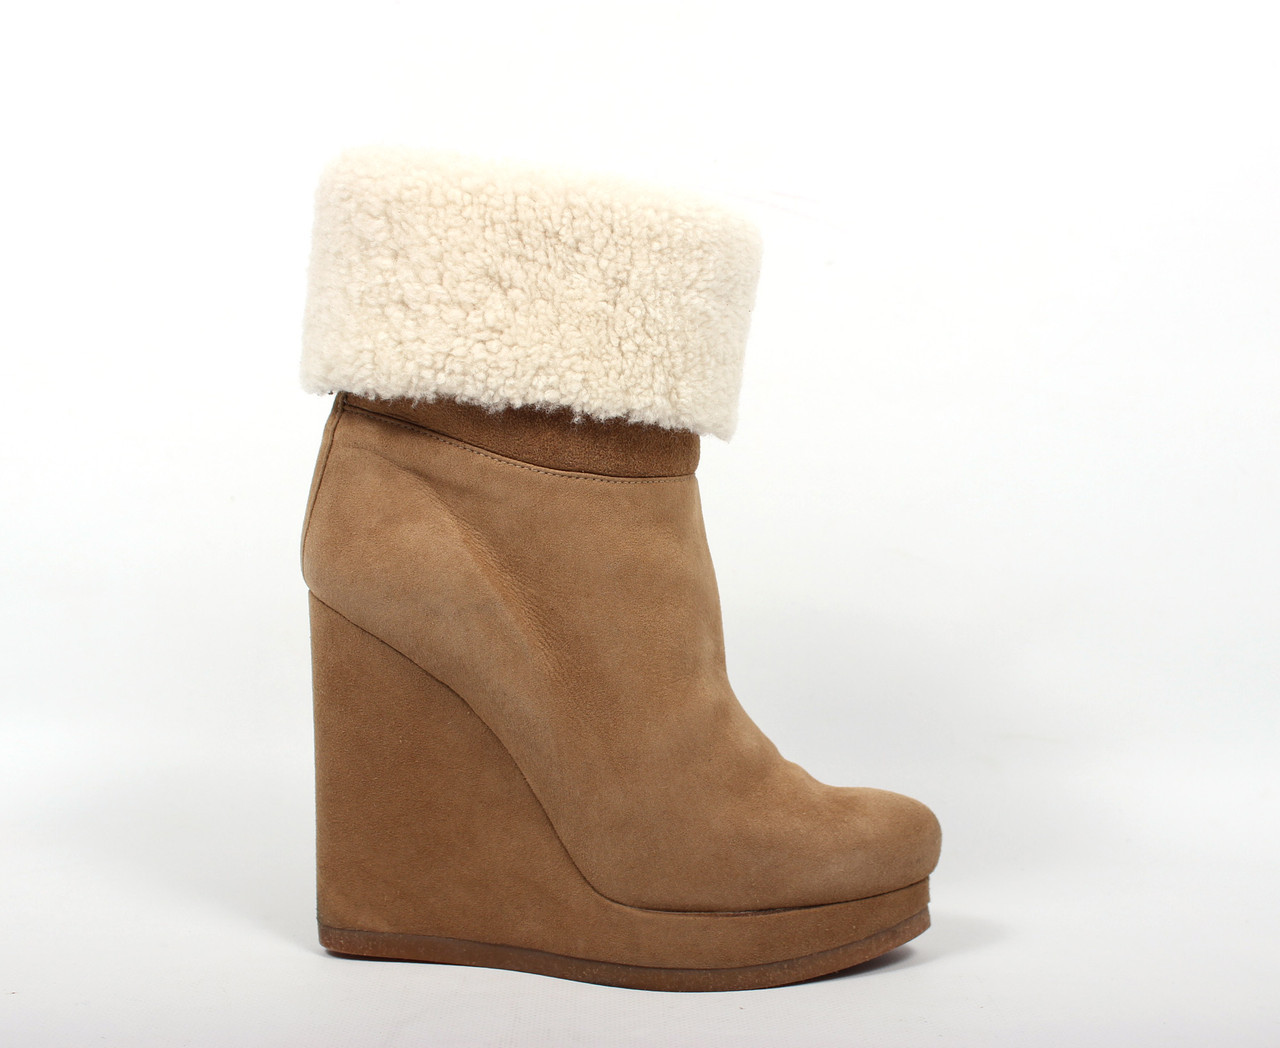 Купить ботинки Jil Sander в комиссионном магазине Киев Refresh Store ... 7ea77827336